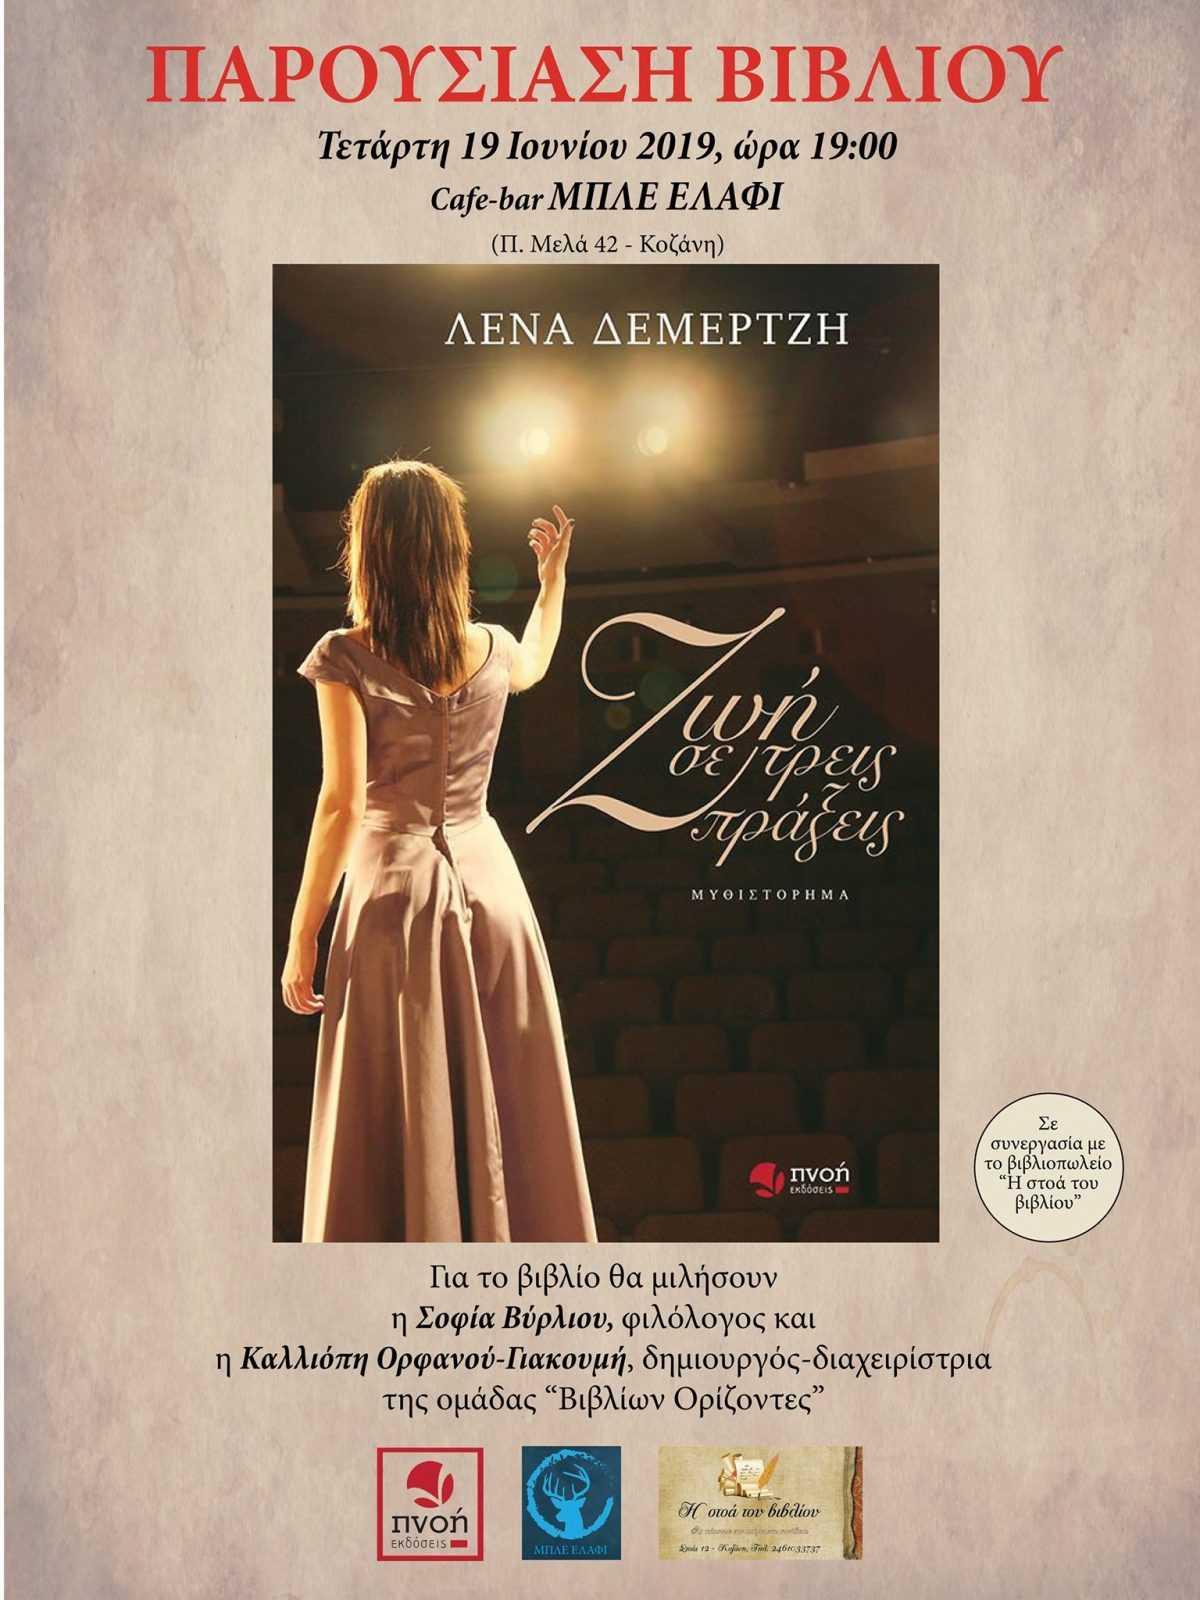 Παρουσίαση βιβλίου της Λένας Δεμερτζή